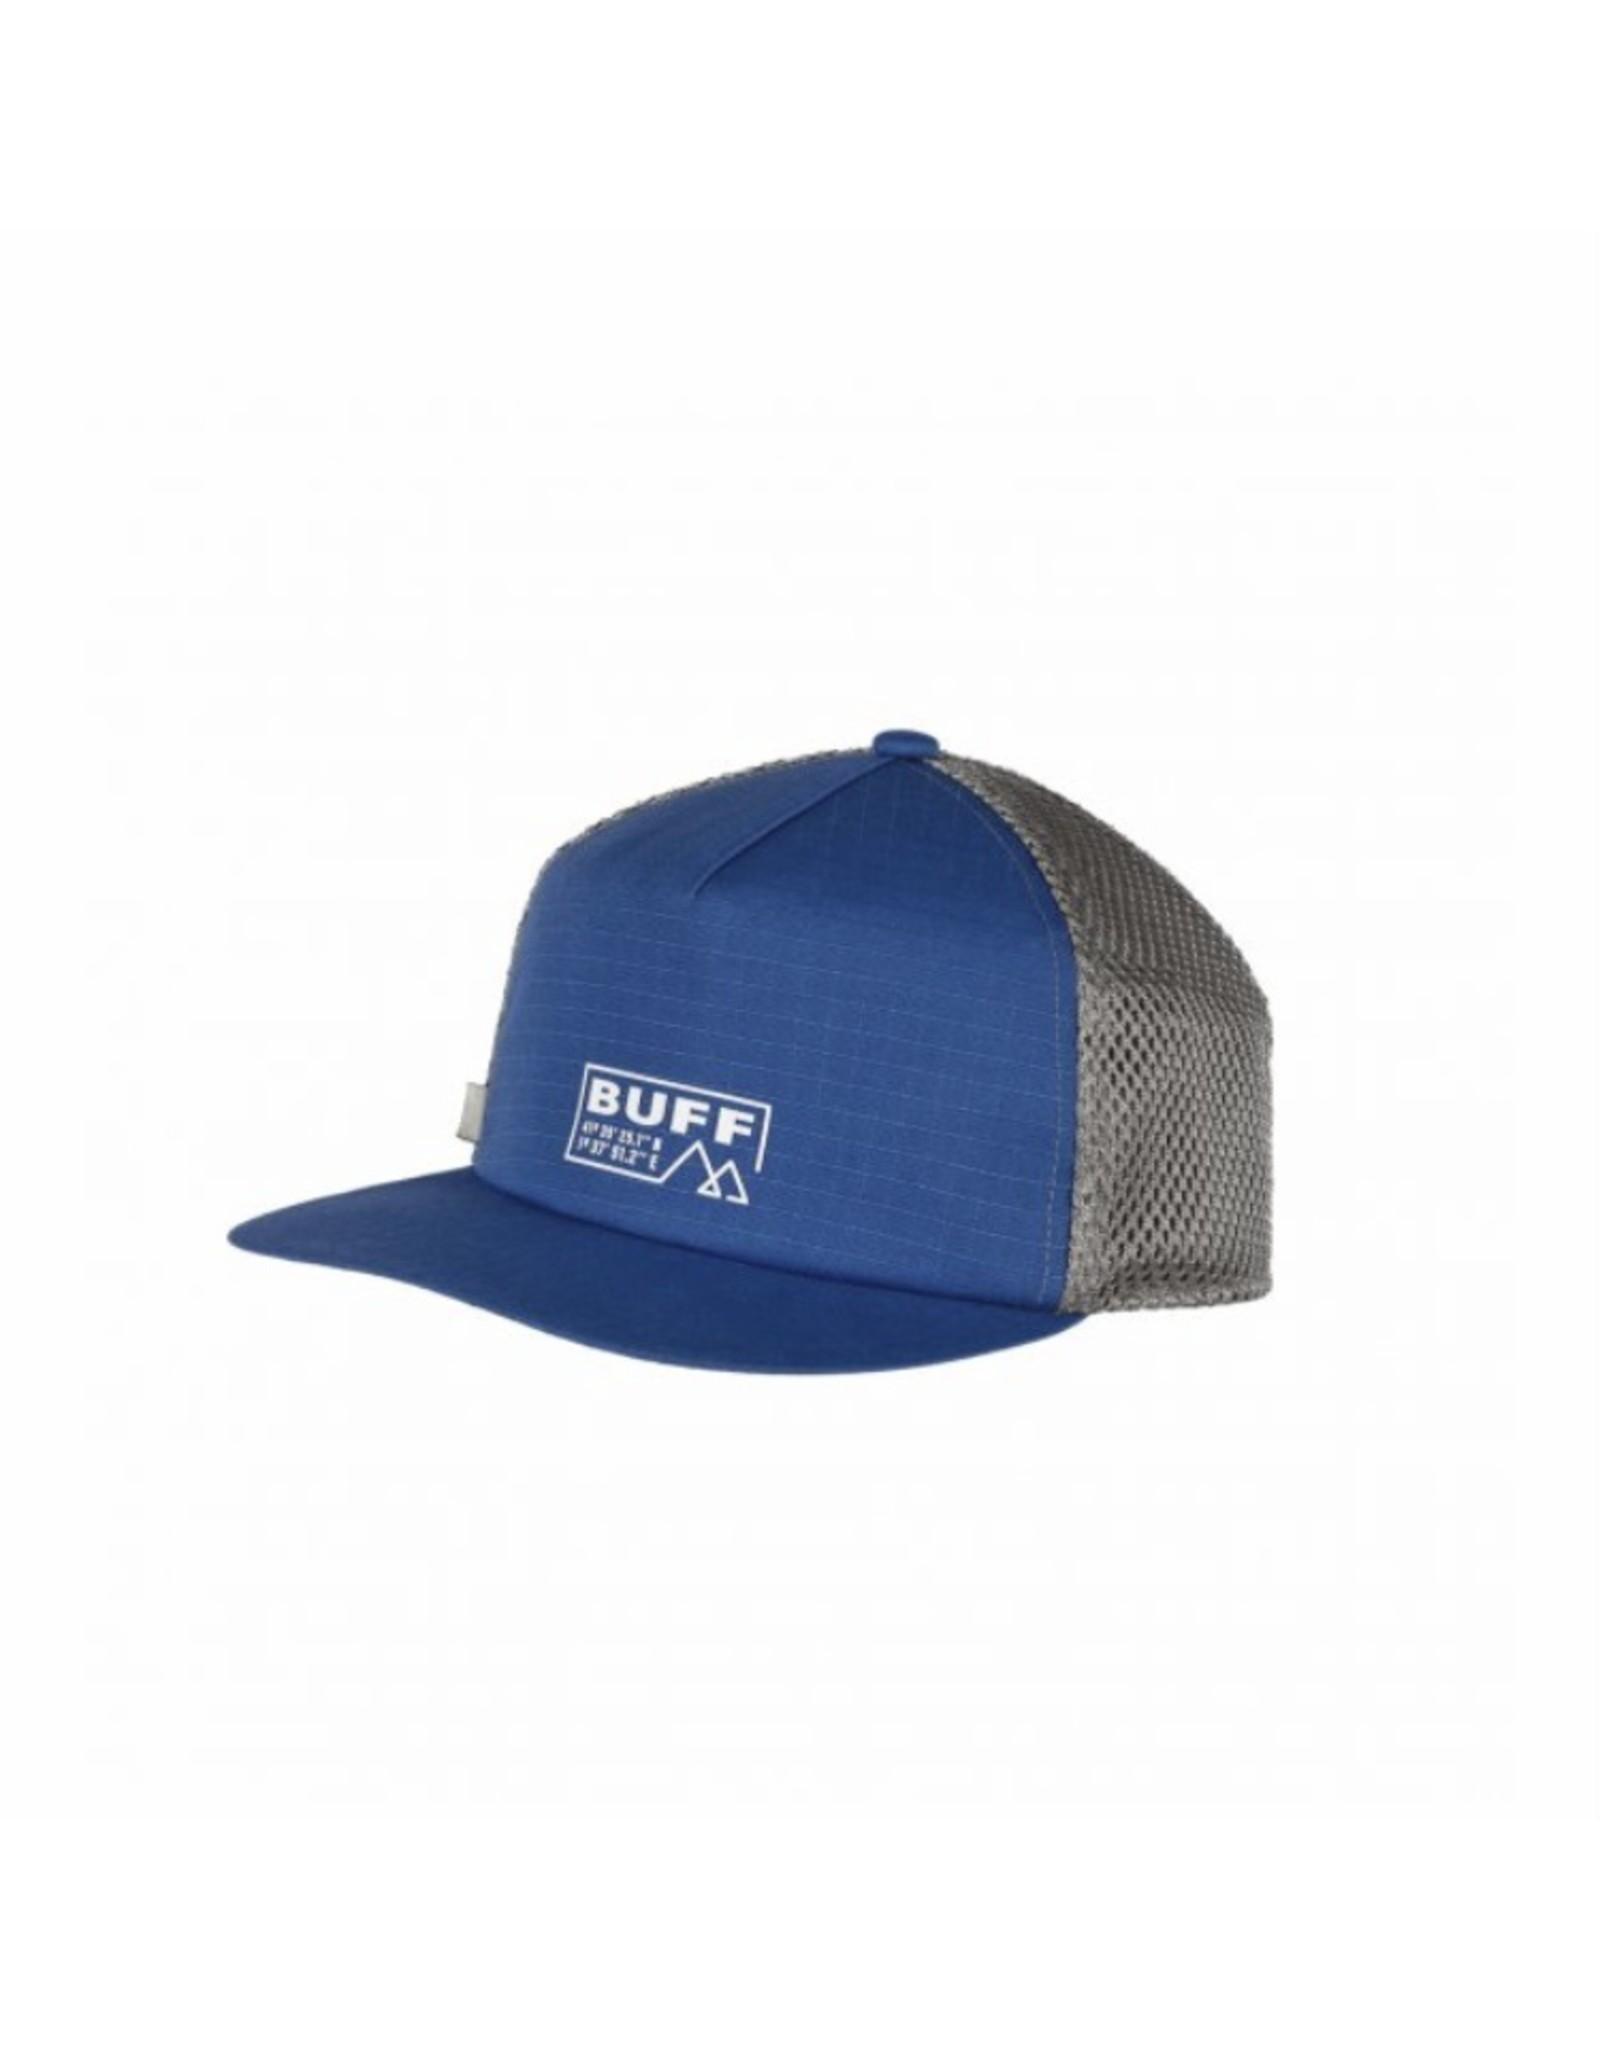 Buff Buff Pack Trucker Cap Solid Azure